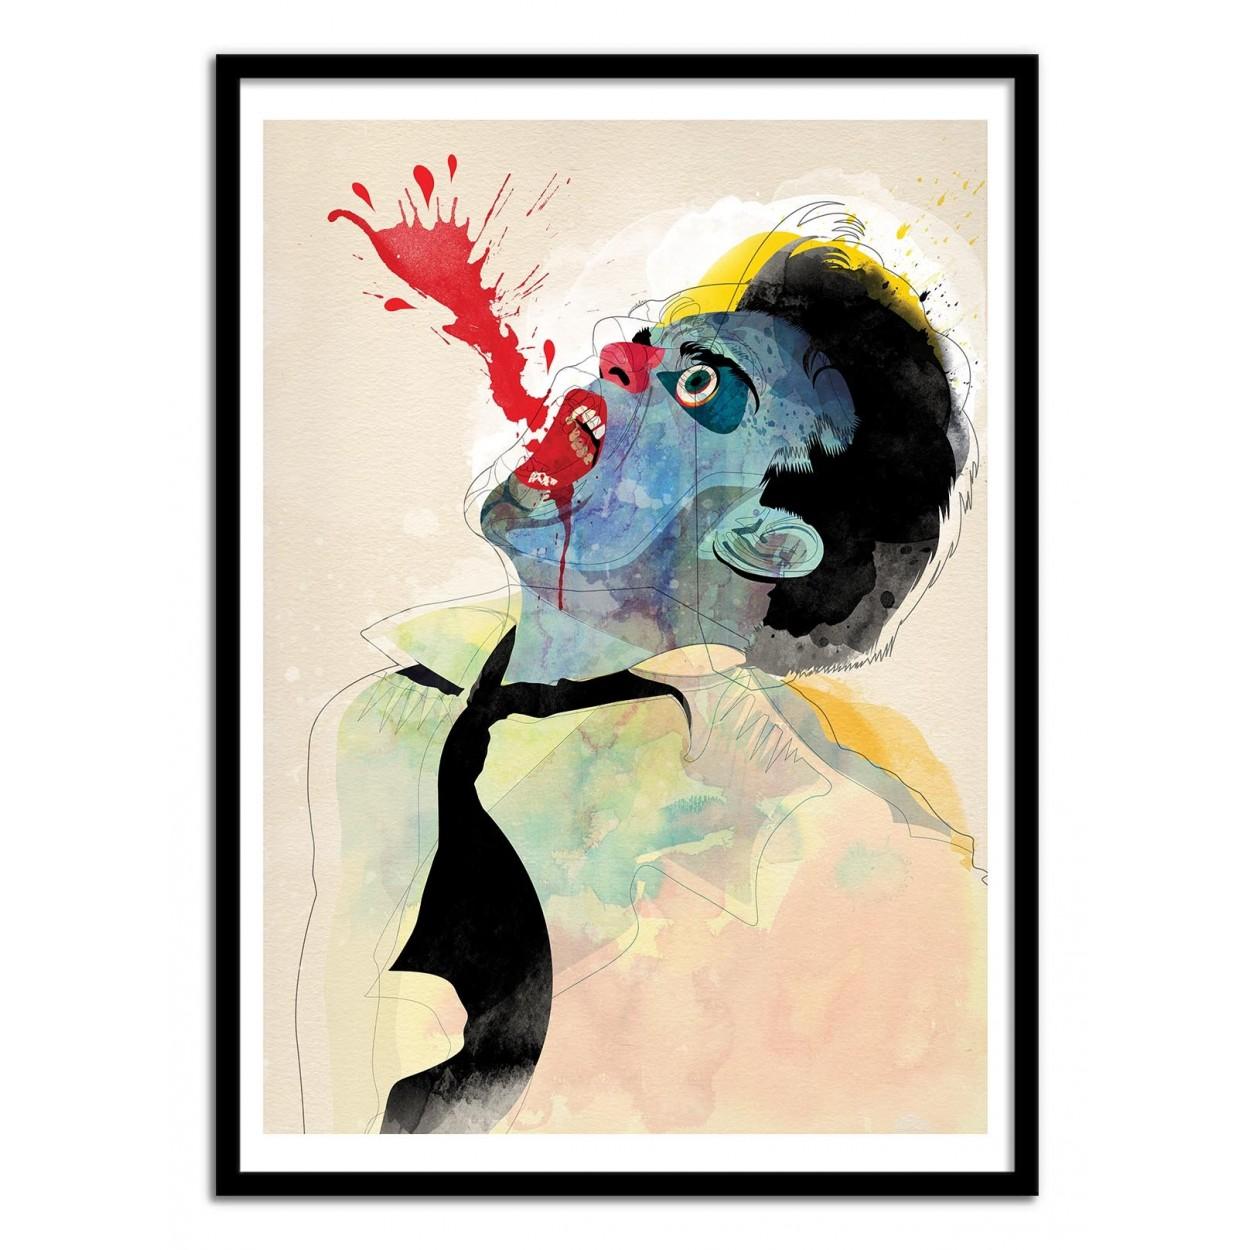 affiche d 39 art poster illustration graphique d 39 homme qui saigne. Black Bedroom Furniture Sets. Home Design Ideas